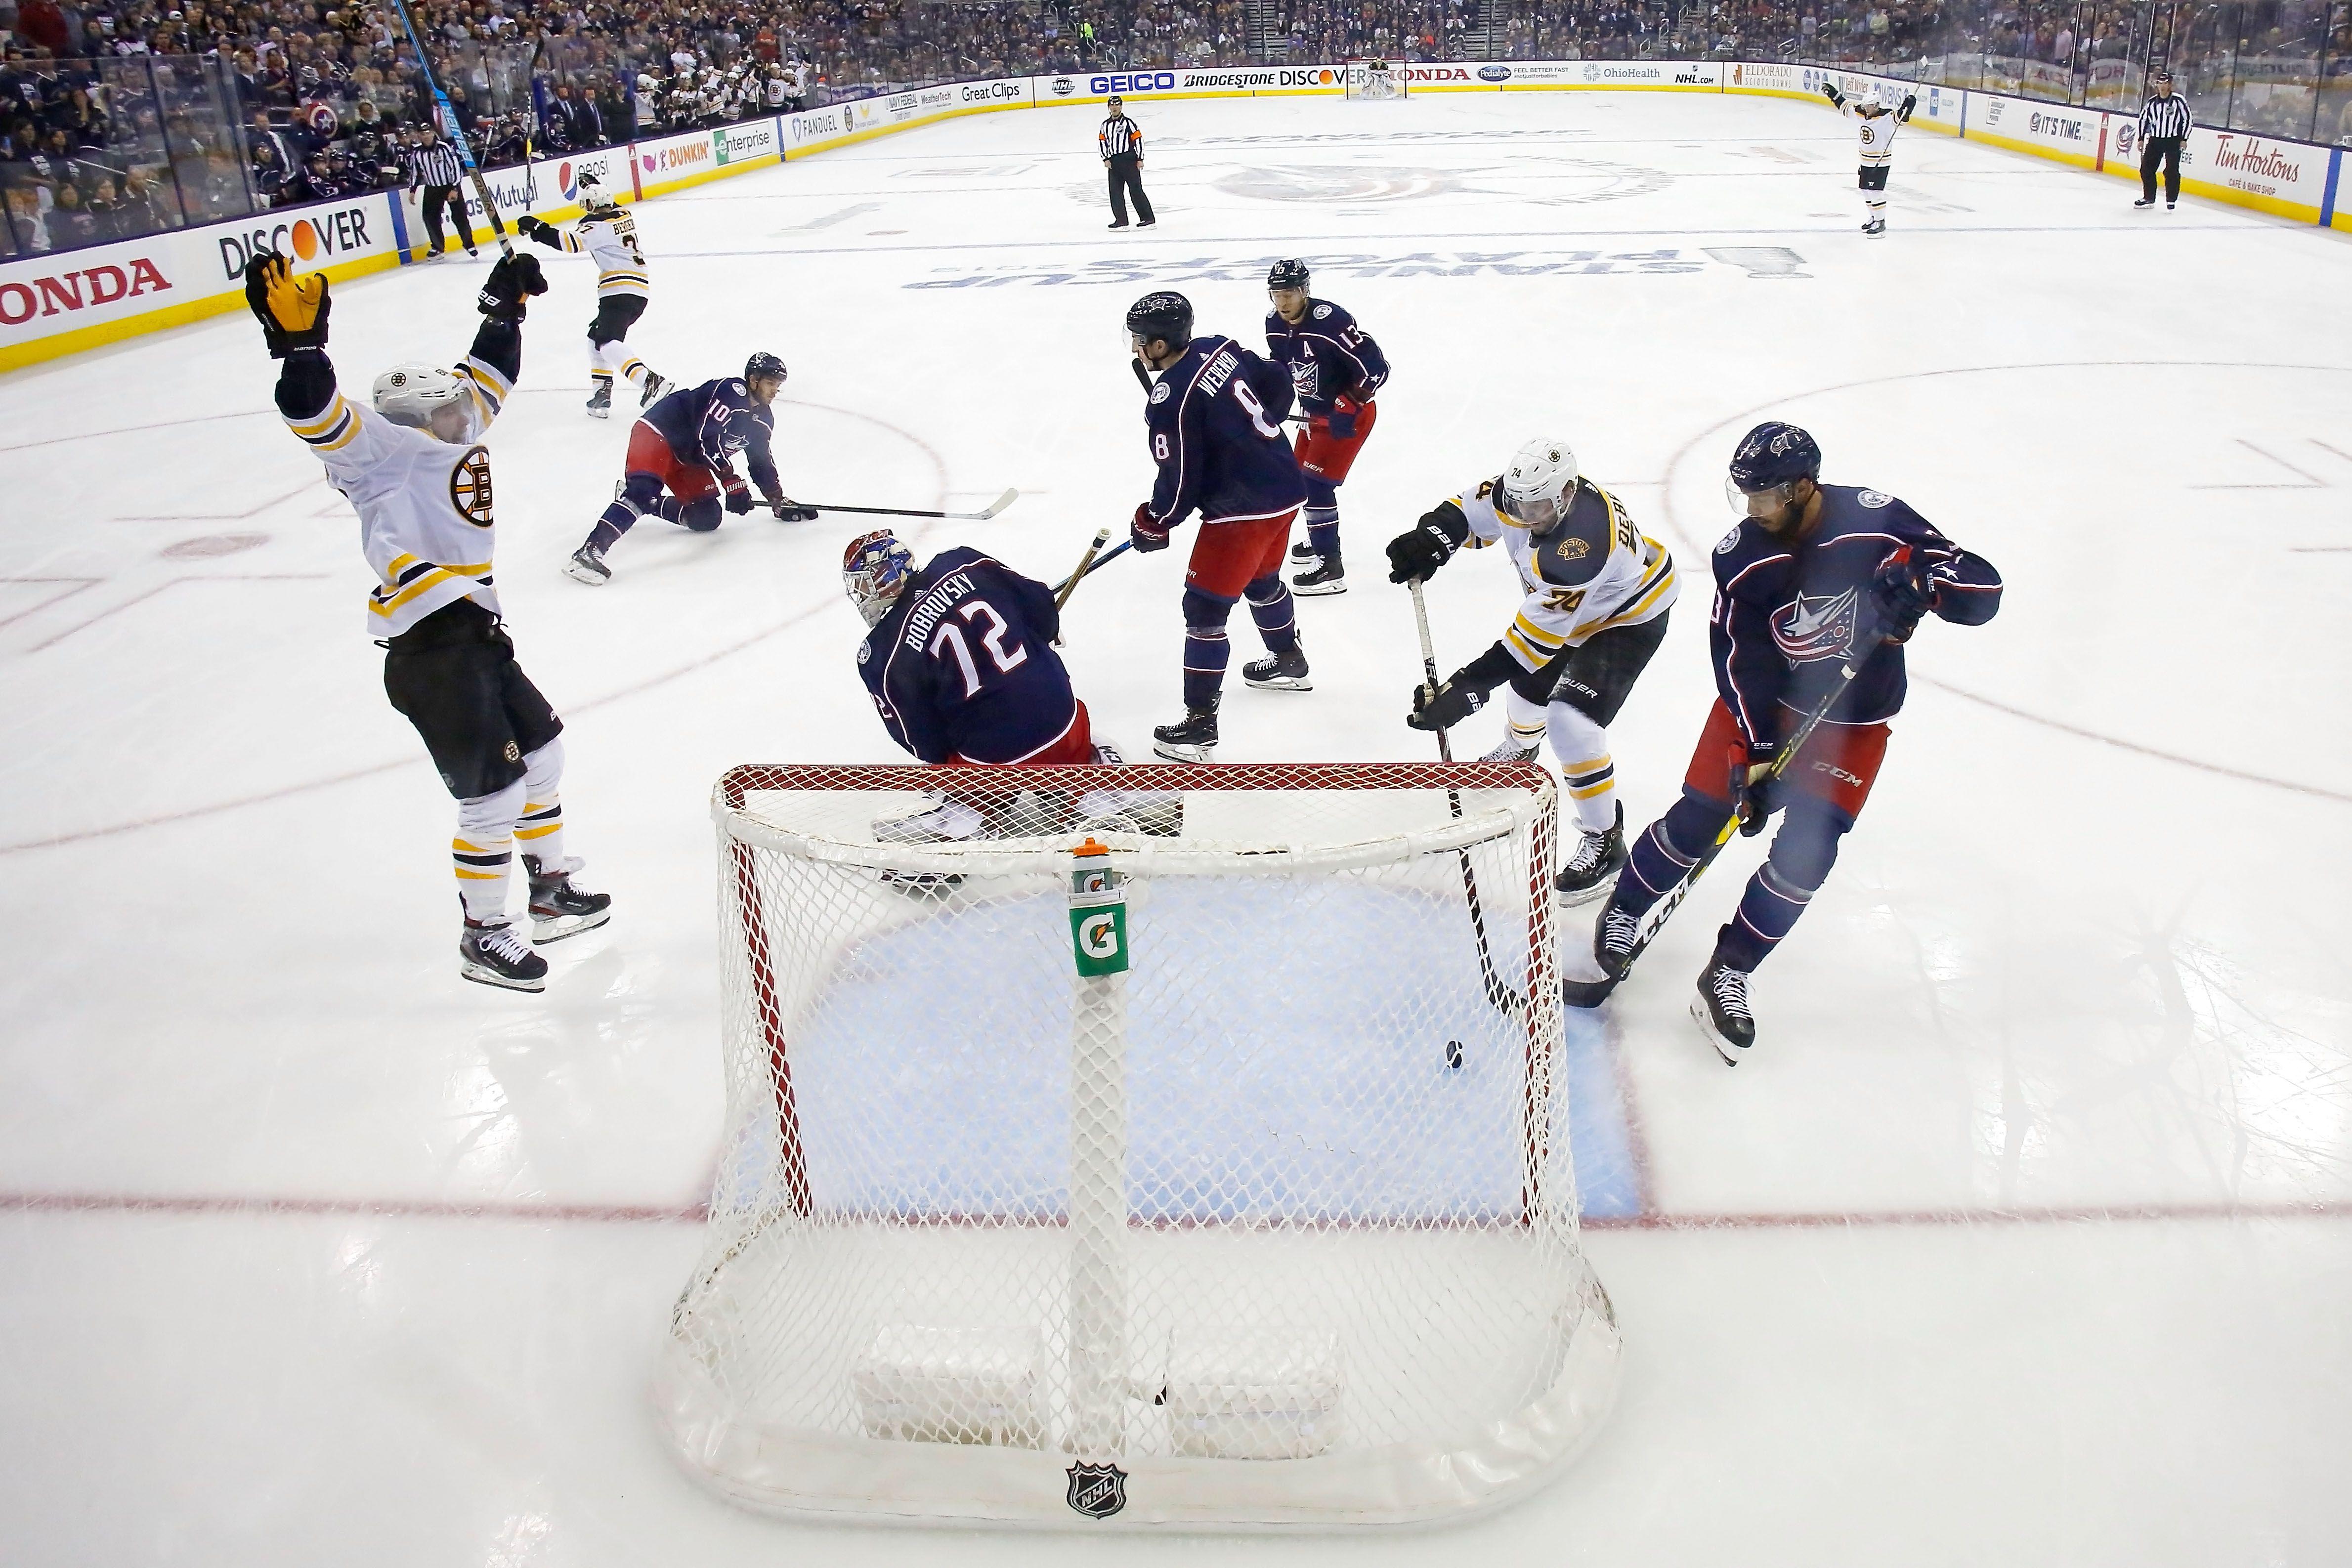 Bruins scoring a goal